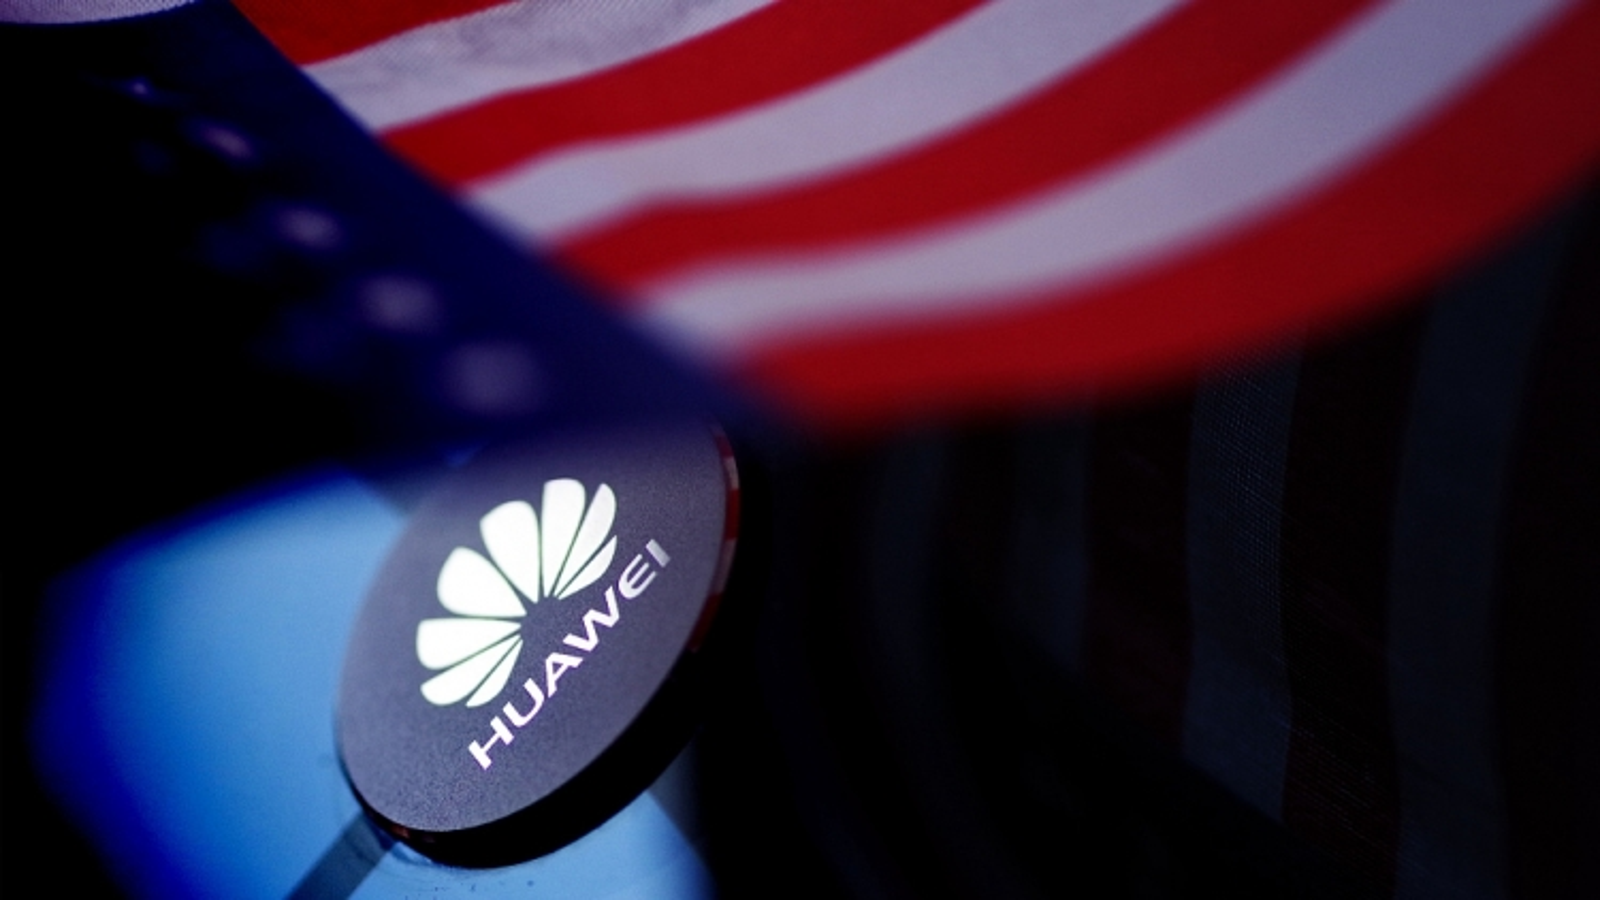 Tranh chấp và hoài nghi định hình trục quan hệ Mỹ-Trung năm 2020